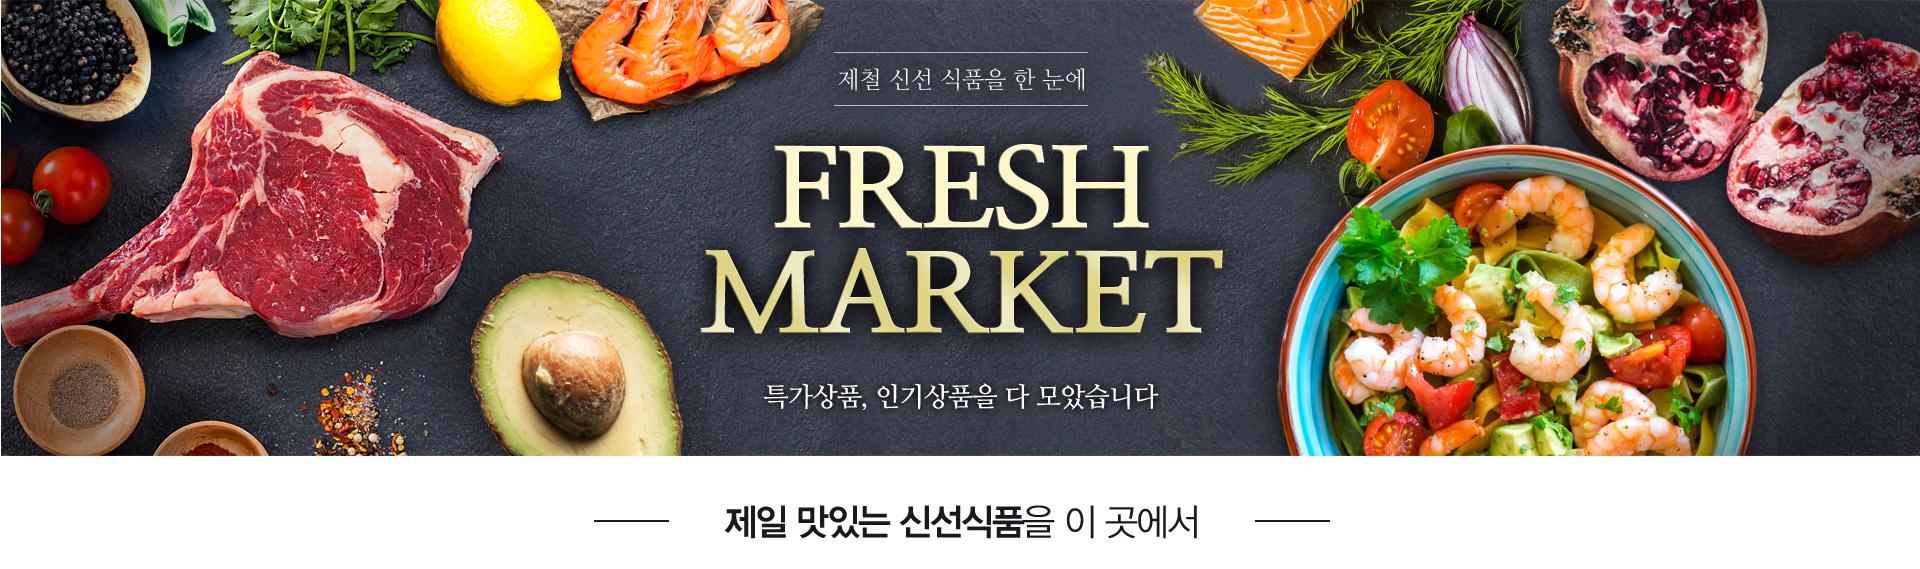 제철 신선 식품을 한 눈에 fresh market 특가상품, 인기상품을 다 모았습니다